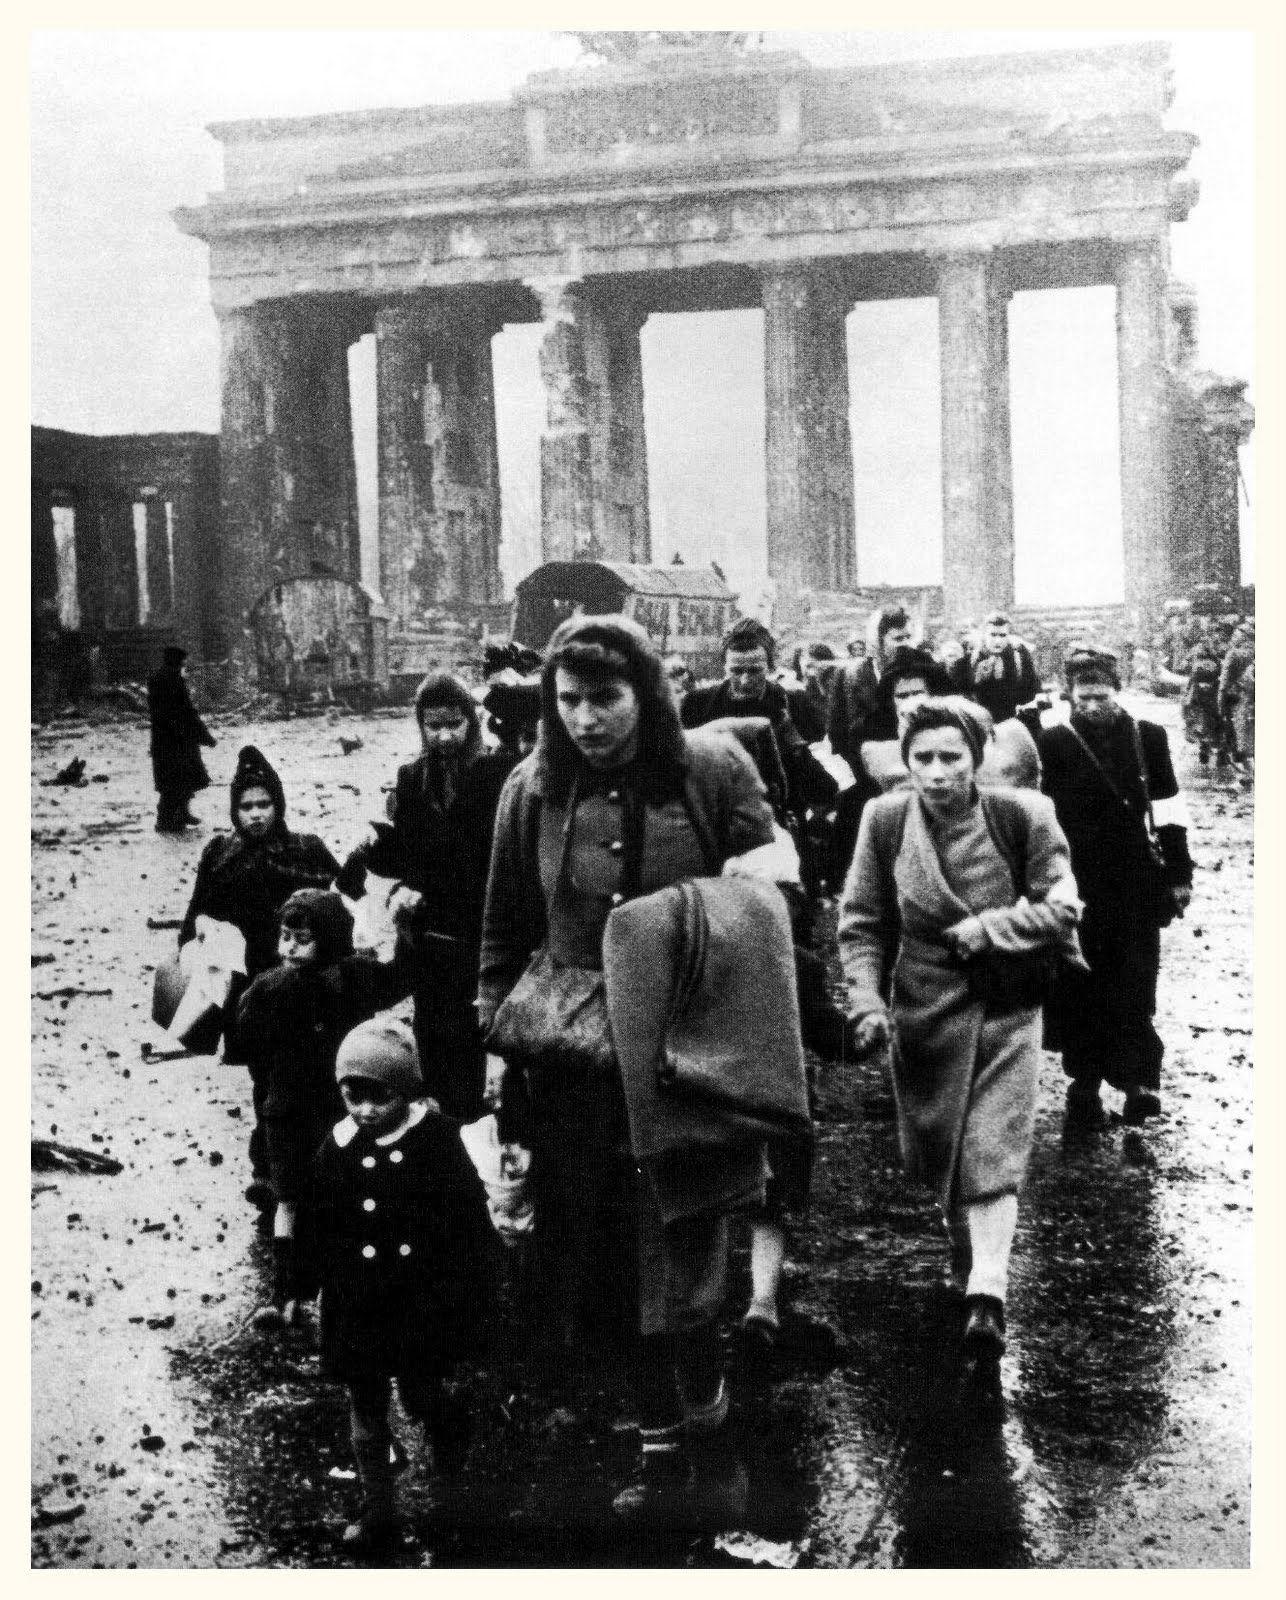 Porte de brandebourg berlin allemagne1945 ww ii for Porte de brandebourg